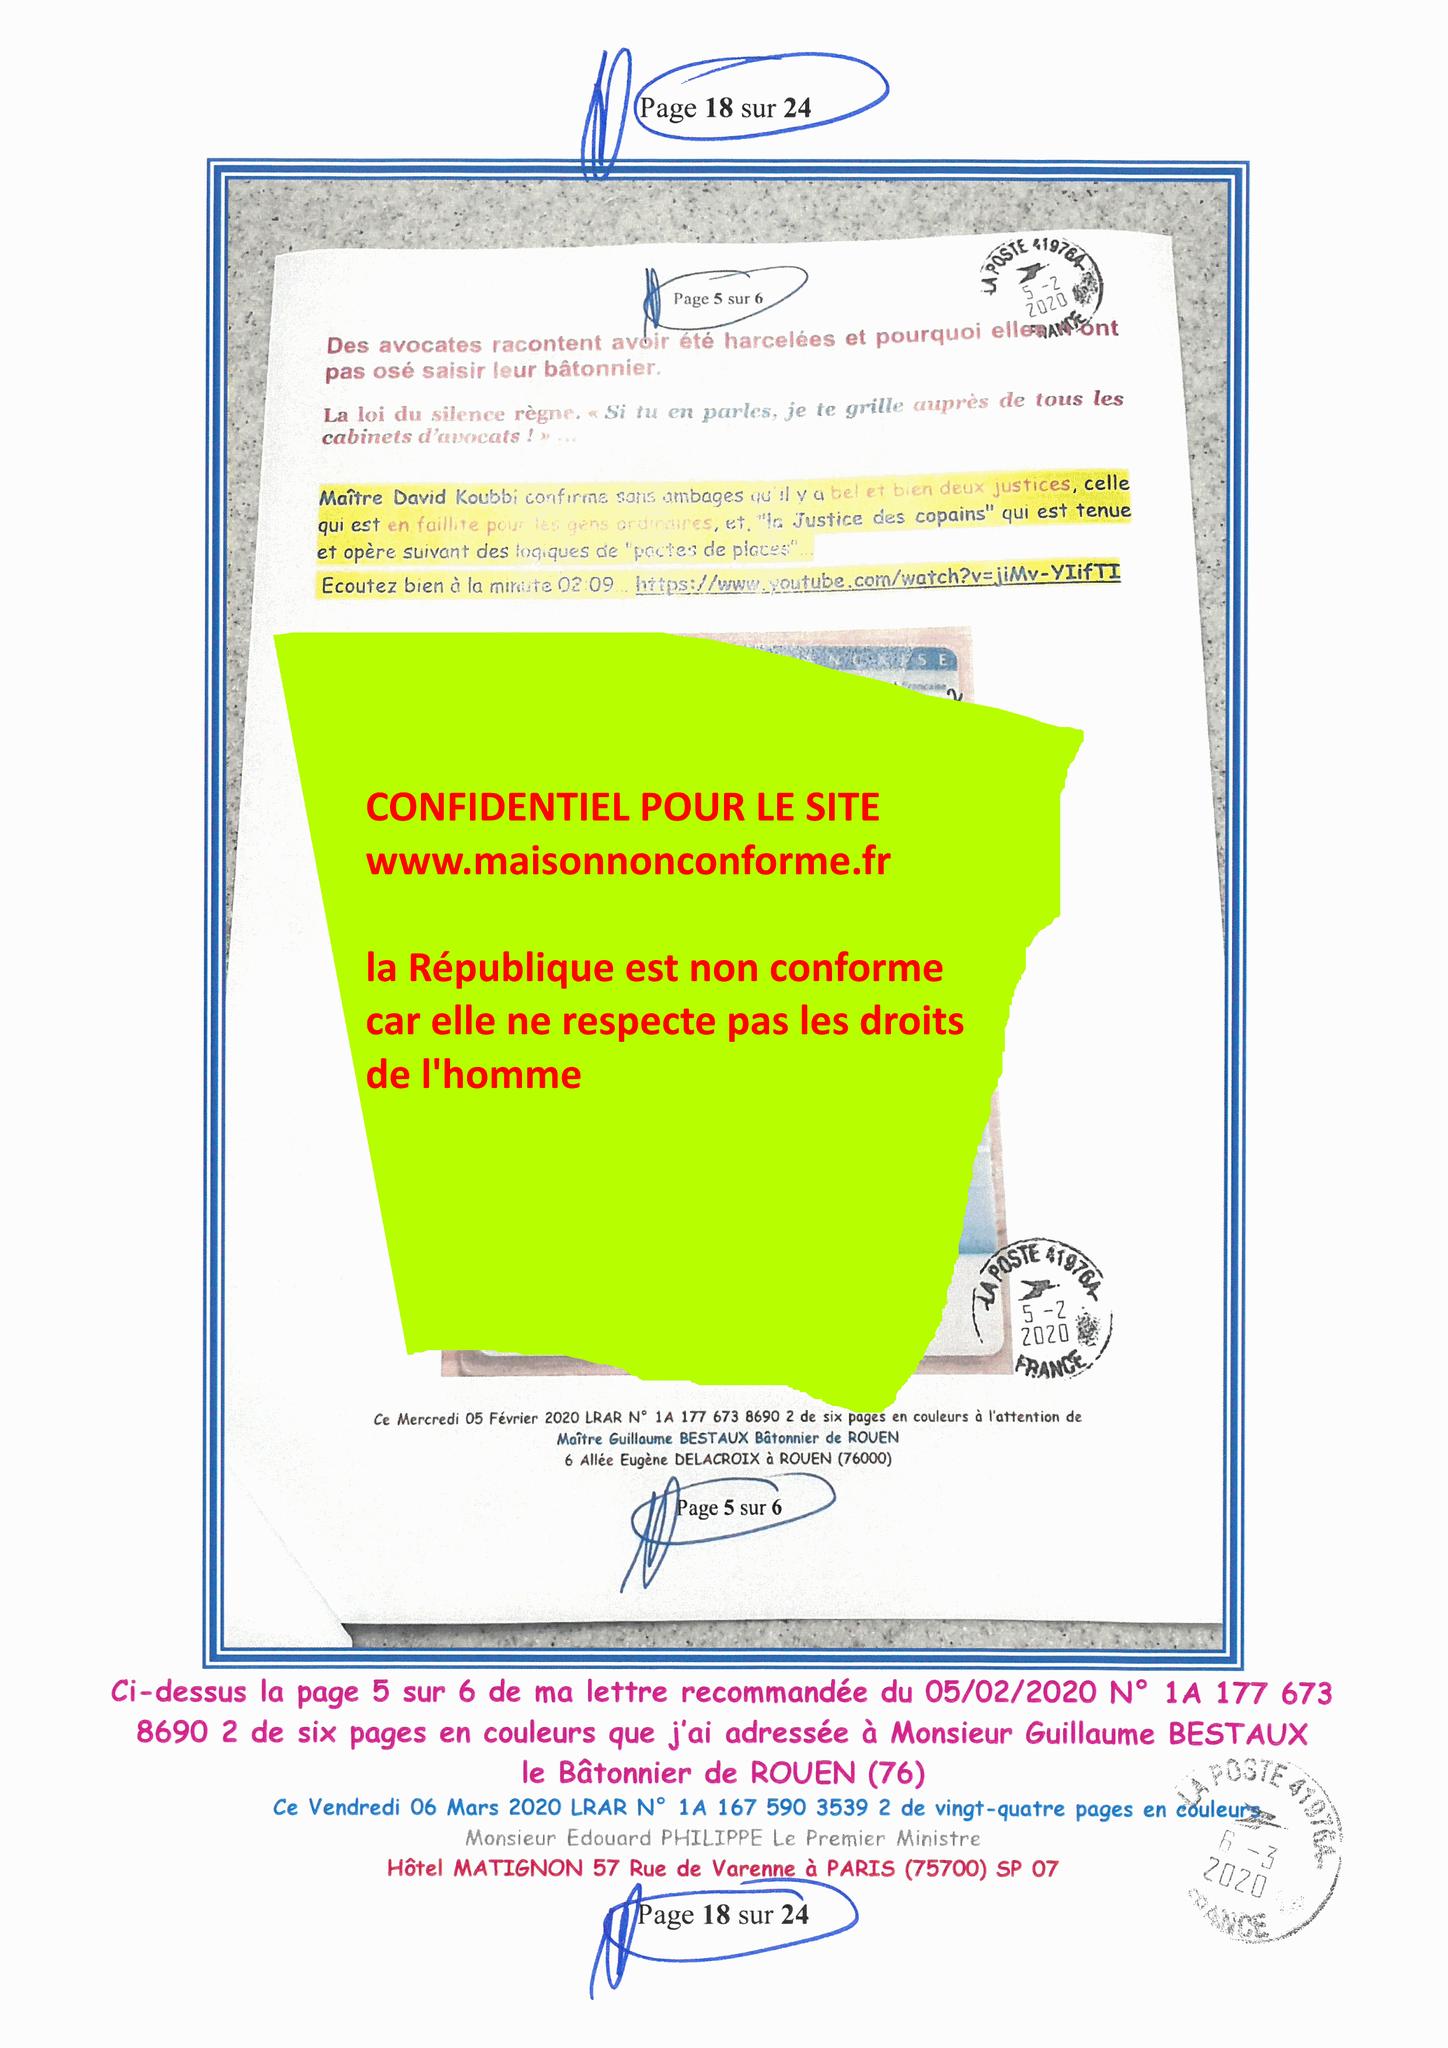 Ma LRAR à Monsieur le  Premier Ministre Edouard PHILIPPE N° 1A 167 590 3539 2 Page 18 sur 24 en Couleur du 06 Mars 2020  www.jesuispatrick.fr